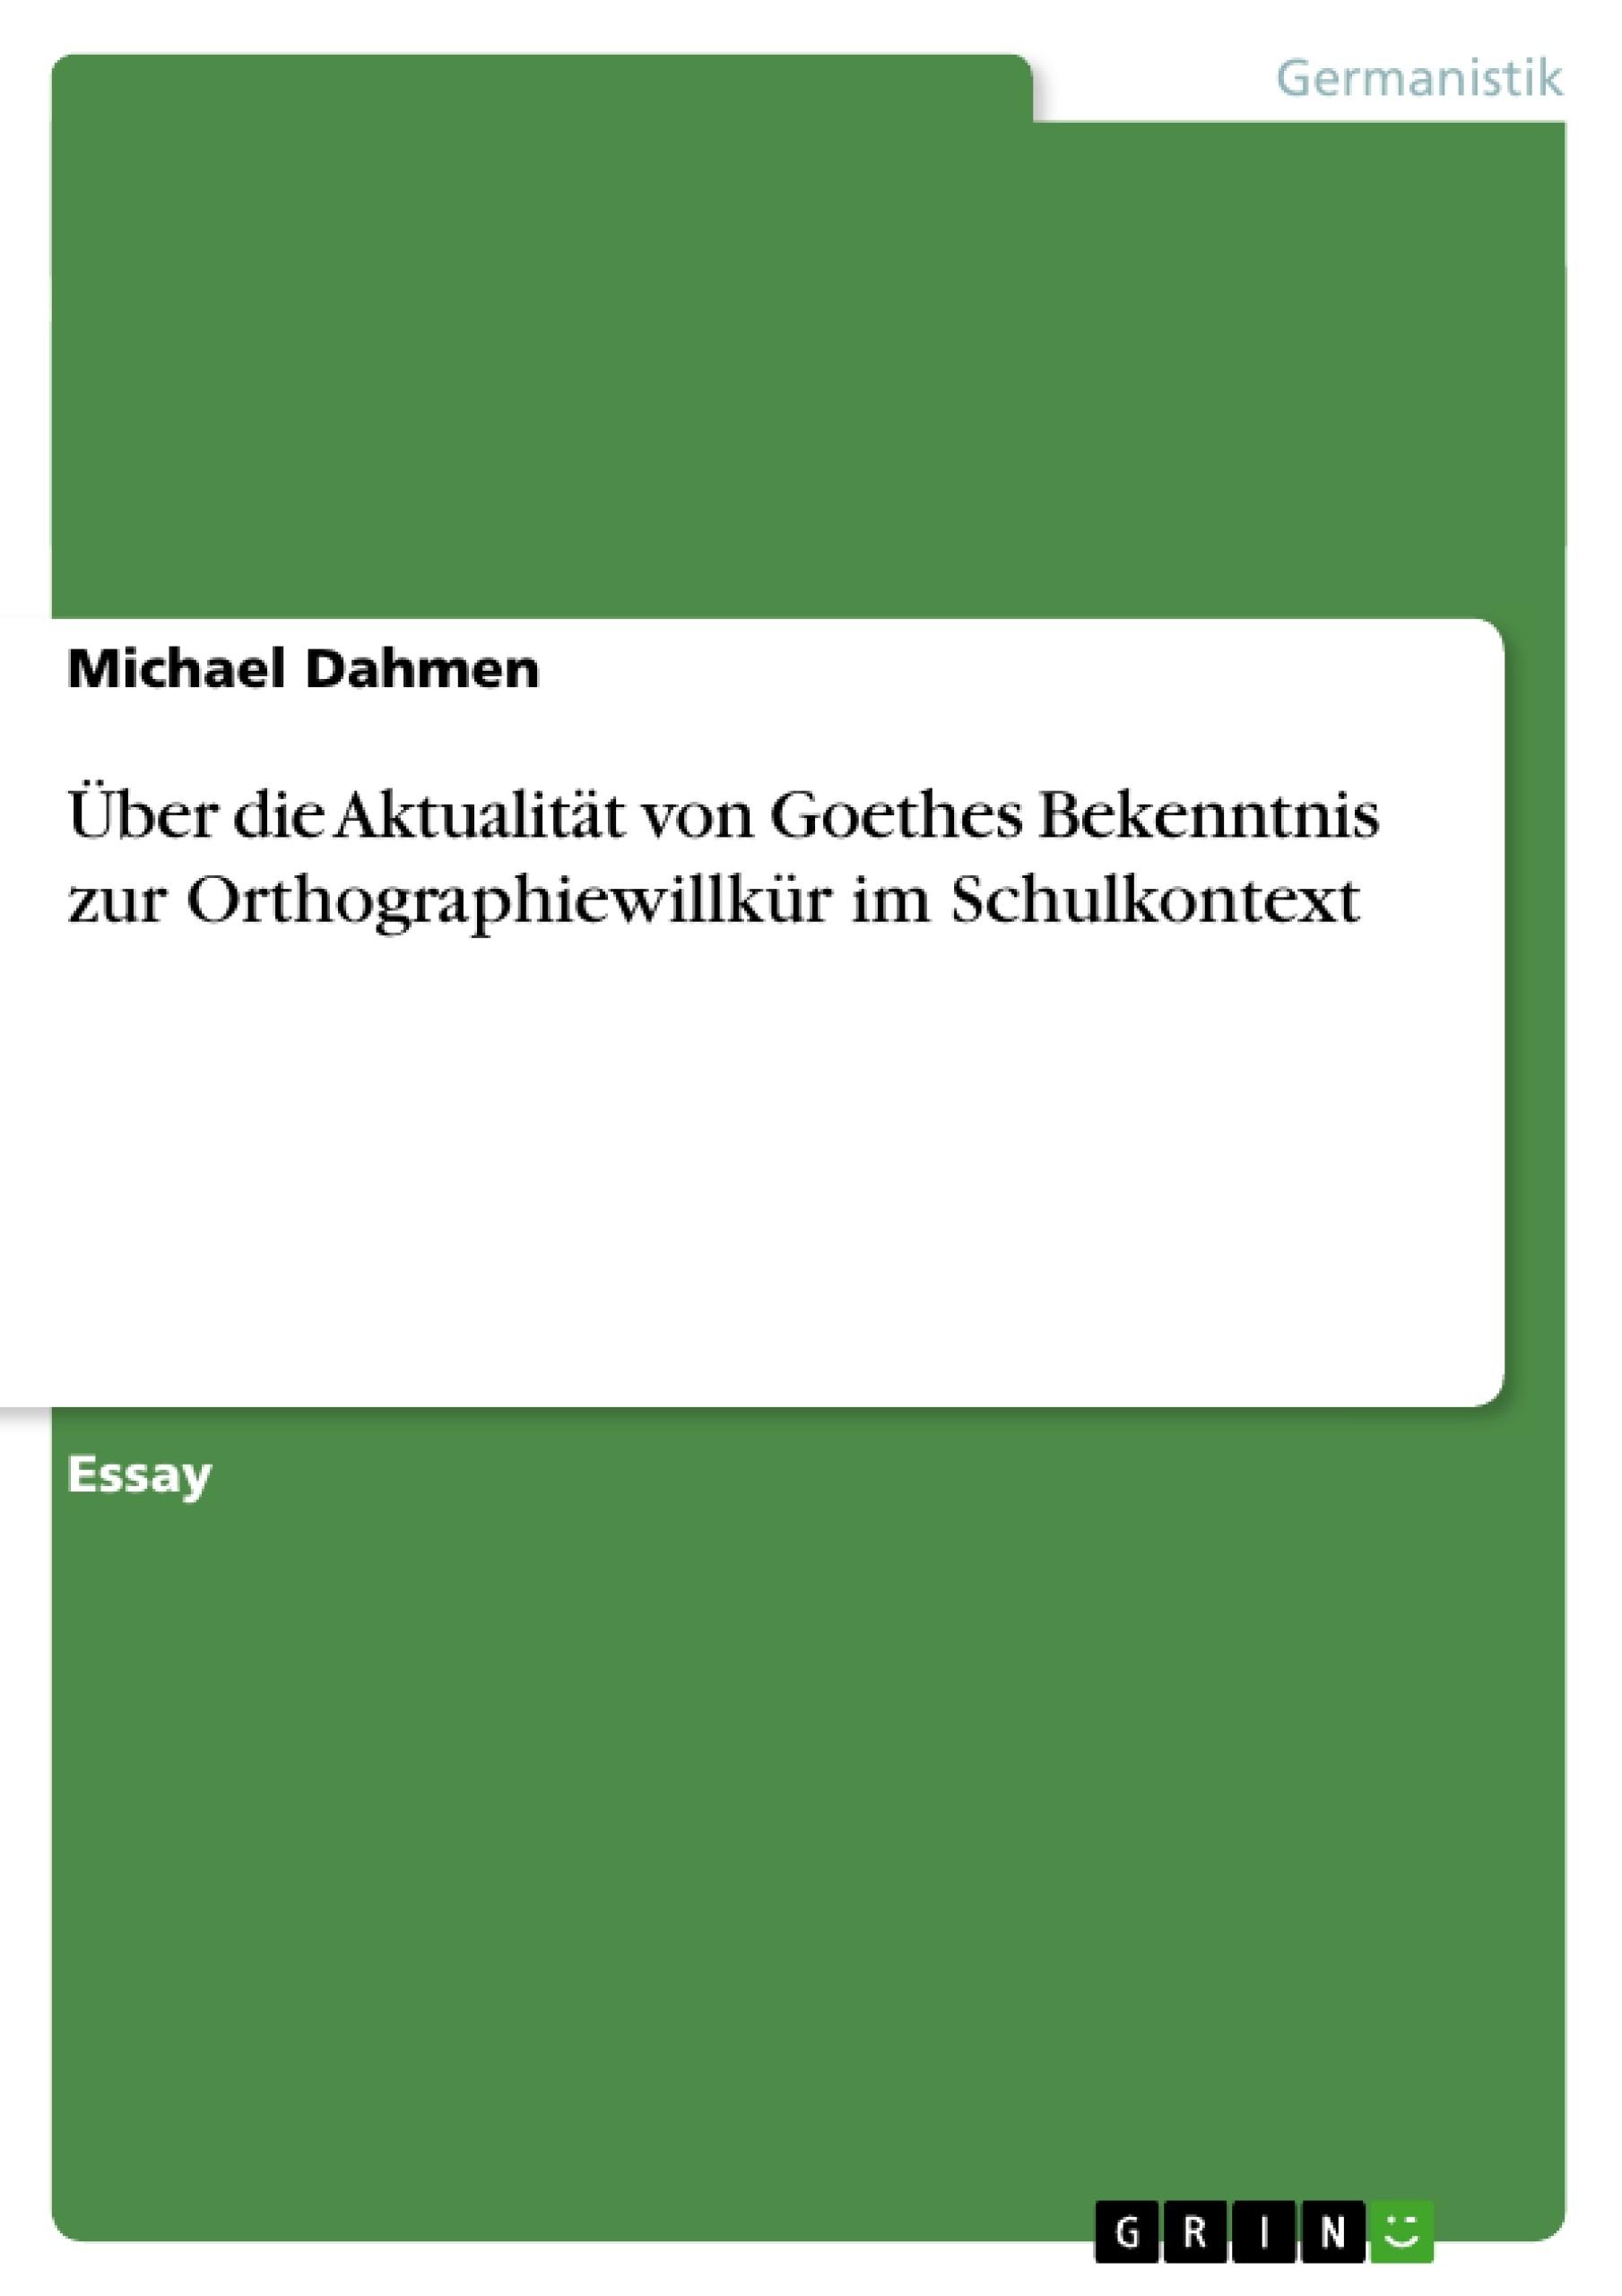 Titel: Über die Aktualität von Goethes Bekenntnis zur Orthographiewillkür im Schulkontext